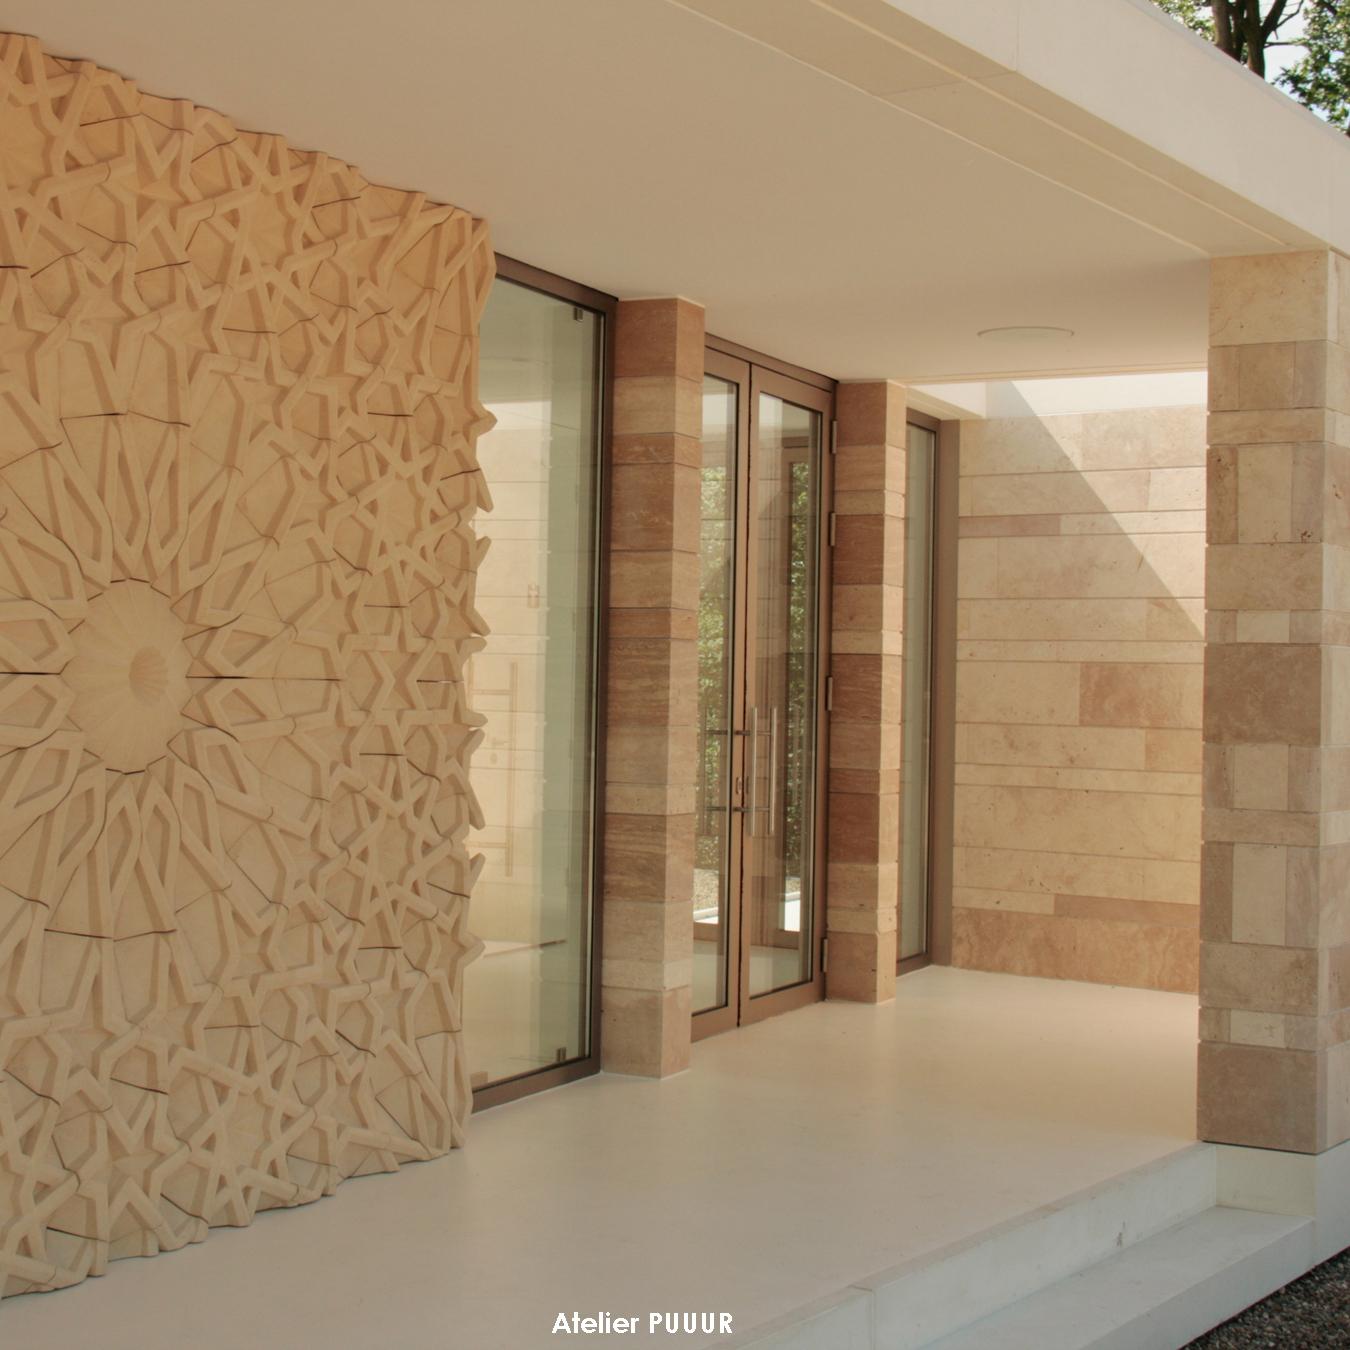 Islamic graveyard pavilion front facade entrance Atelier PUUUR